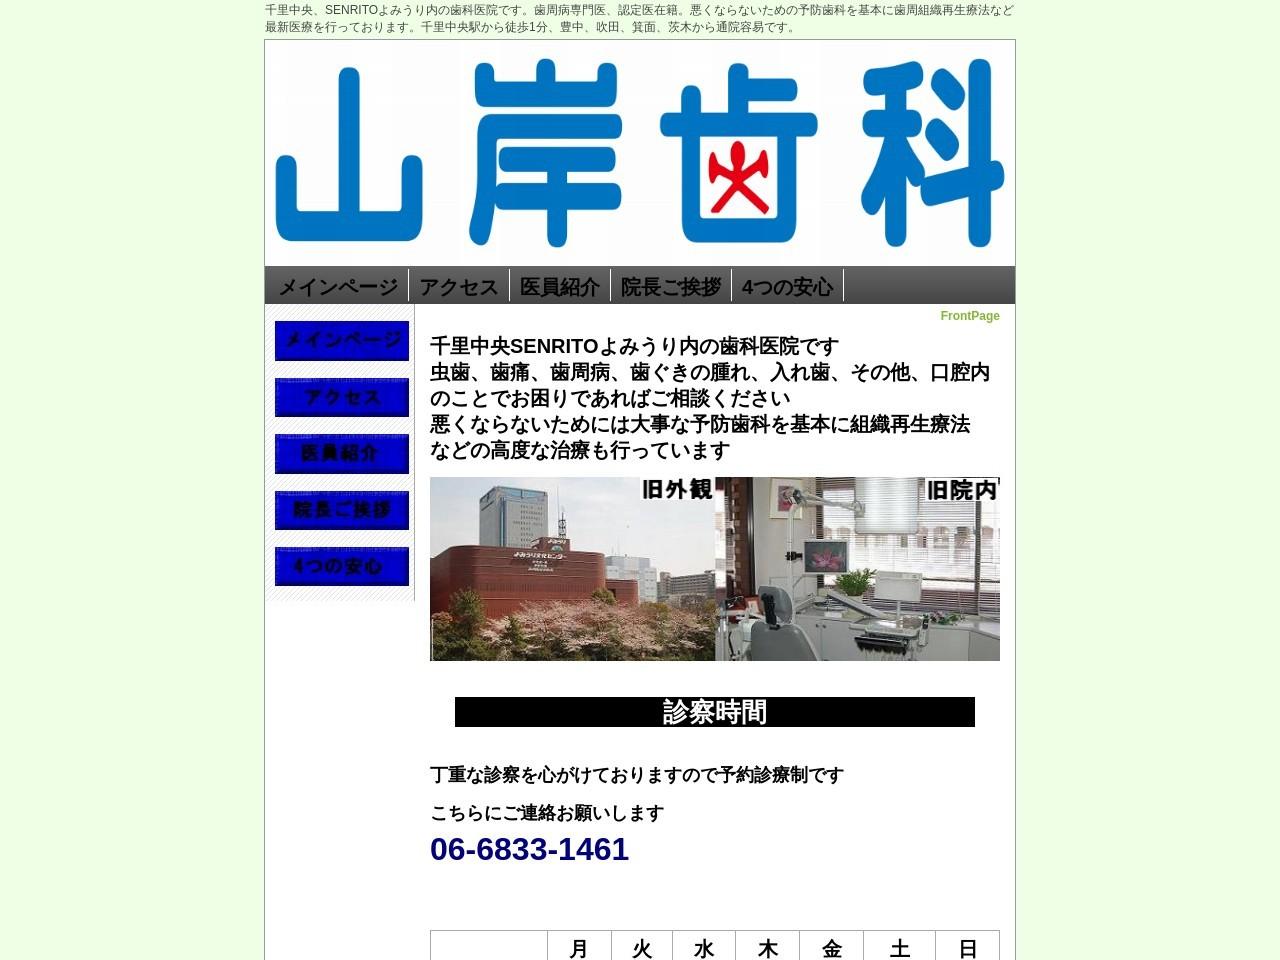 山岸歯科医院 (大阪府豊中市)